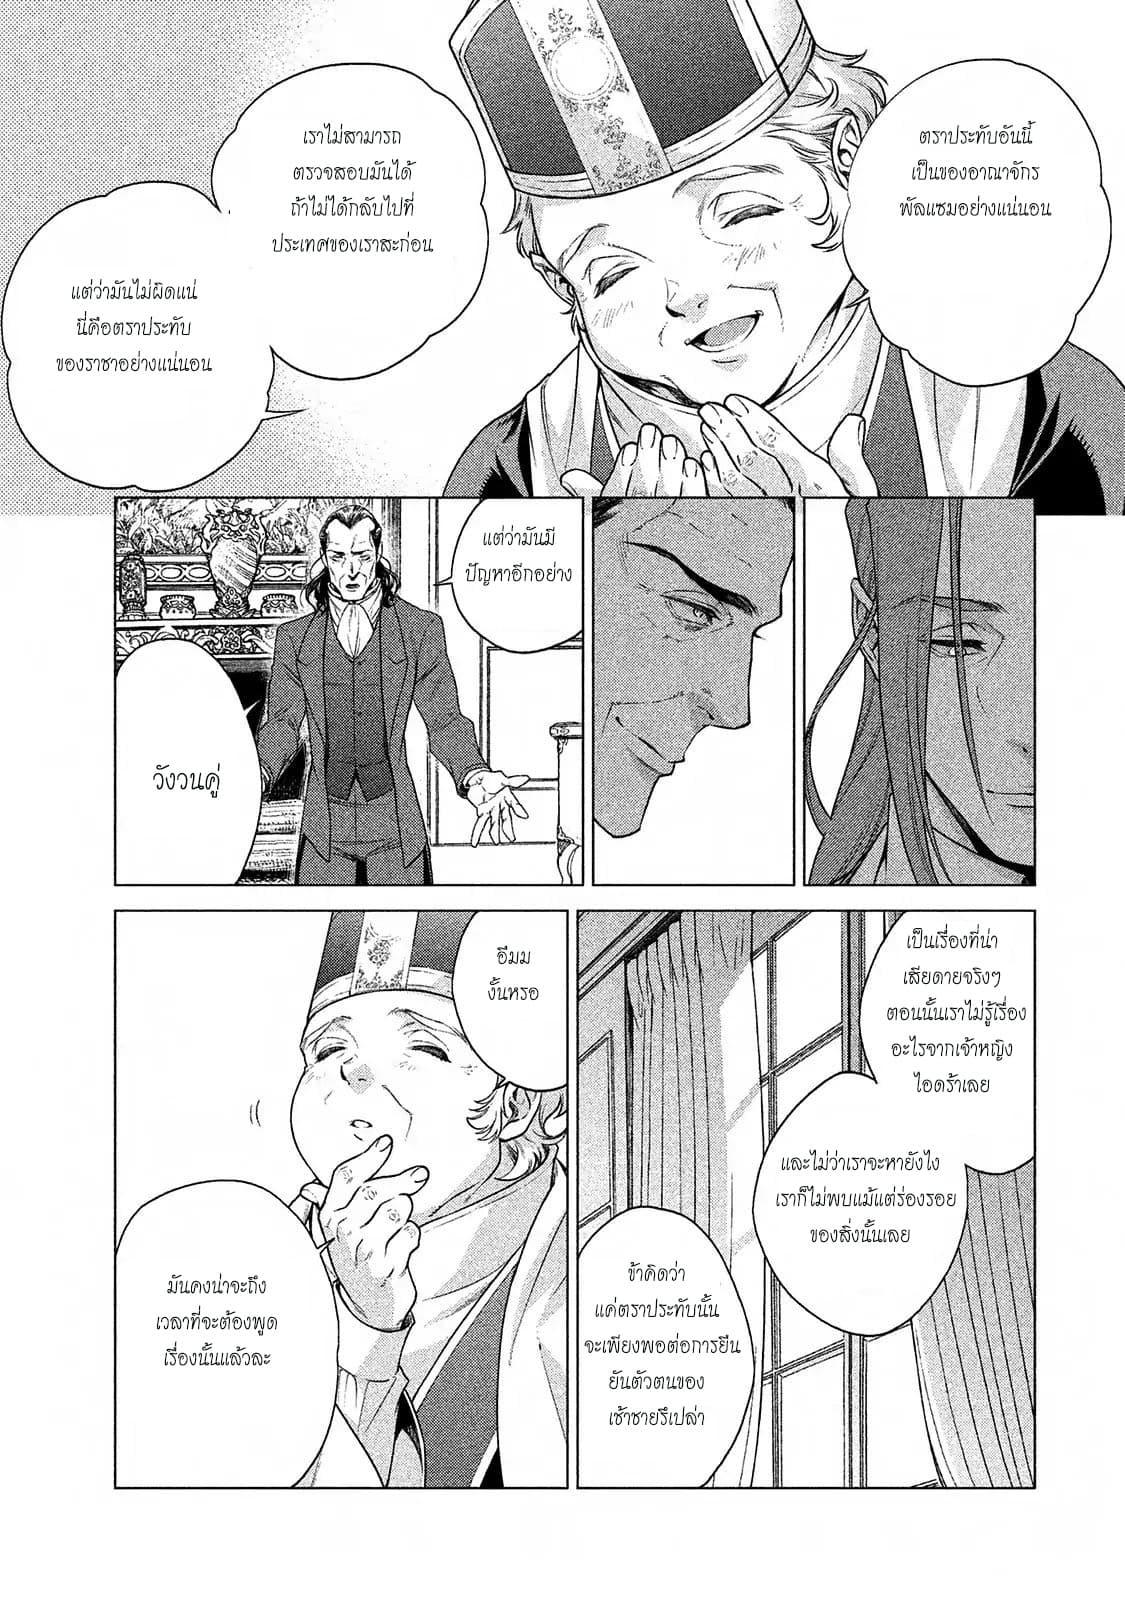 อ่านการ์ตูน Henkyou no Roukishi - Bard Loen ตอนที่ 11 หน้าที่ 29